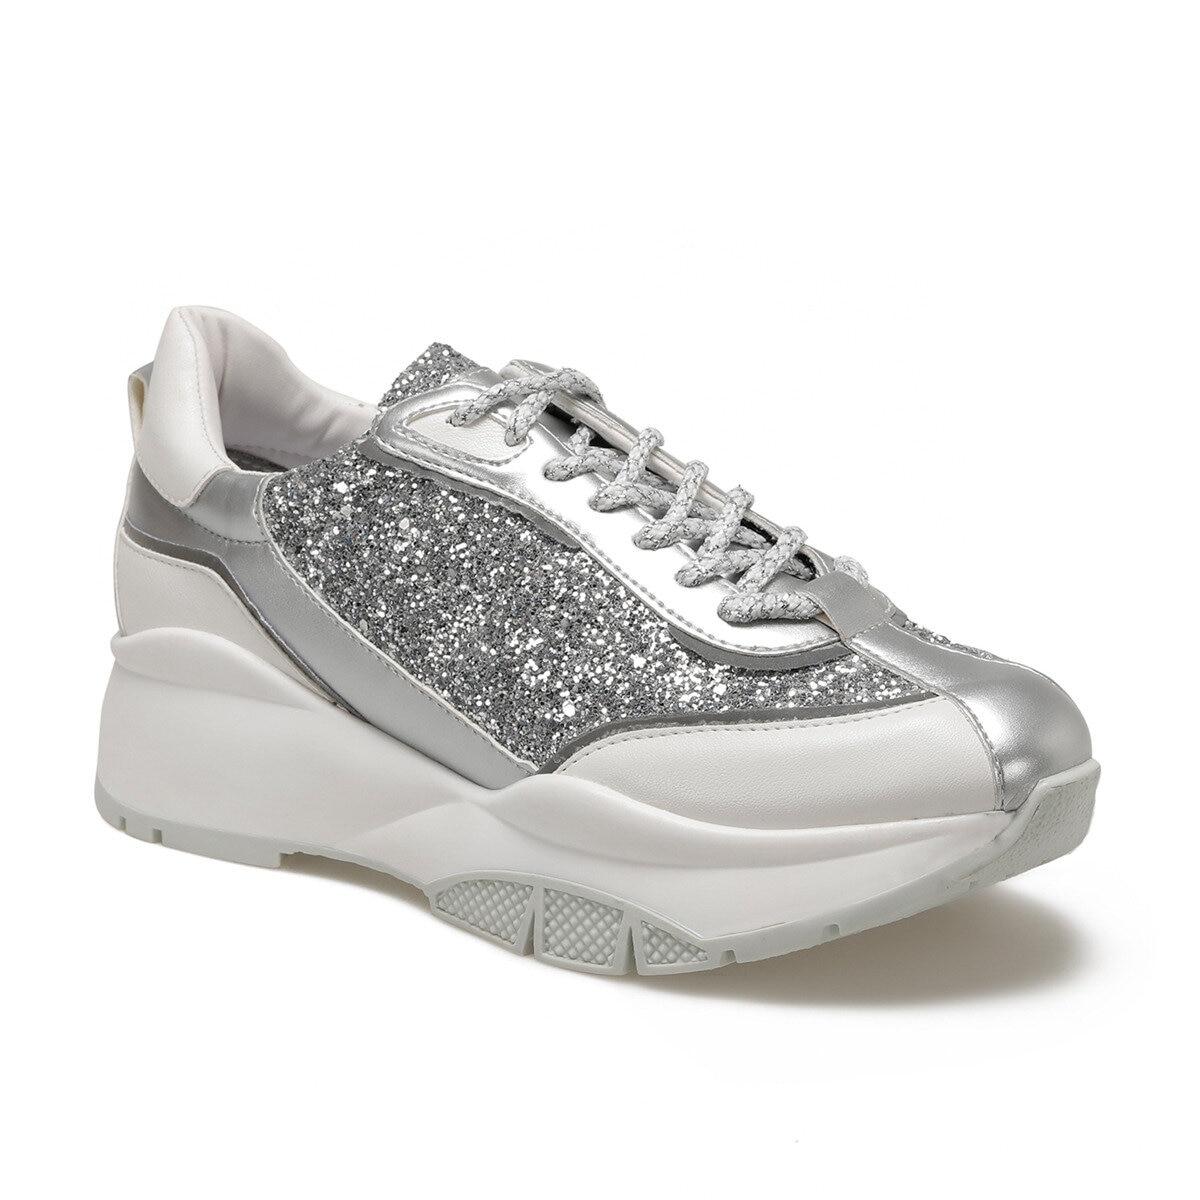 FLO 20S-418 Gray Women 'S Sneaker Shoes BUTIGO